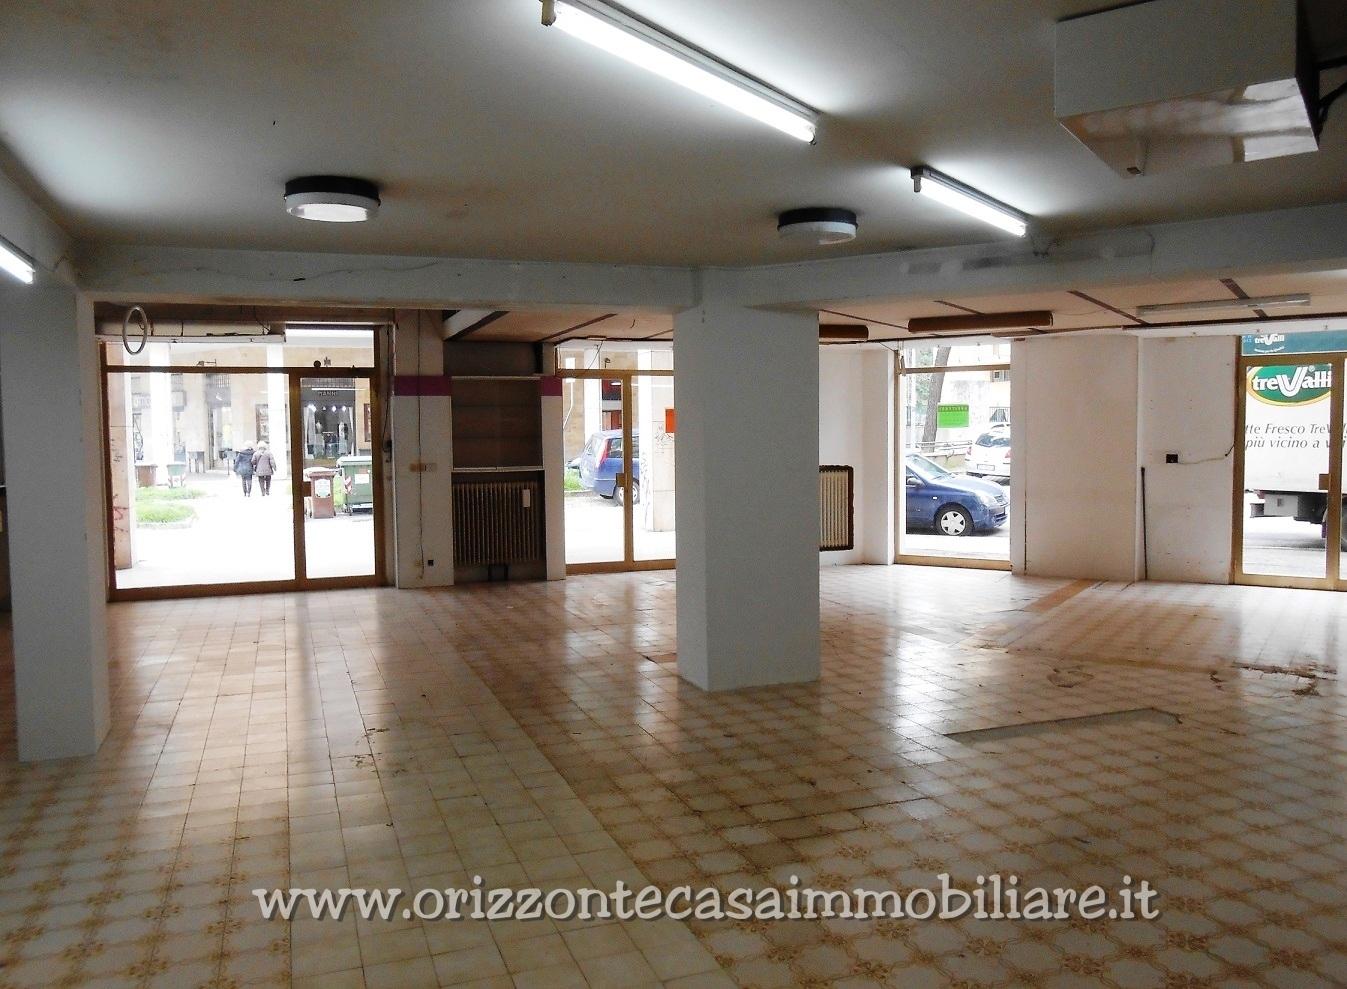 Negozio / Locale in affitto a Ascoli Piceno, 9999 locali, zona Località: PortaMaggiore, prezzo € 1.200   CambioCasa.it